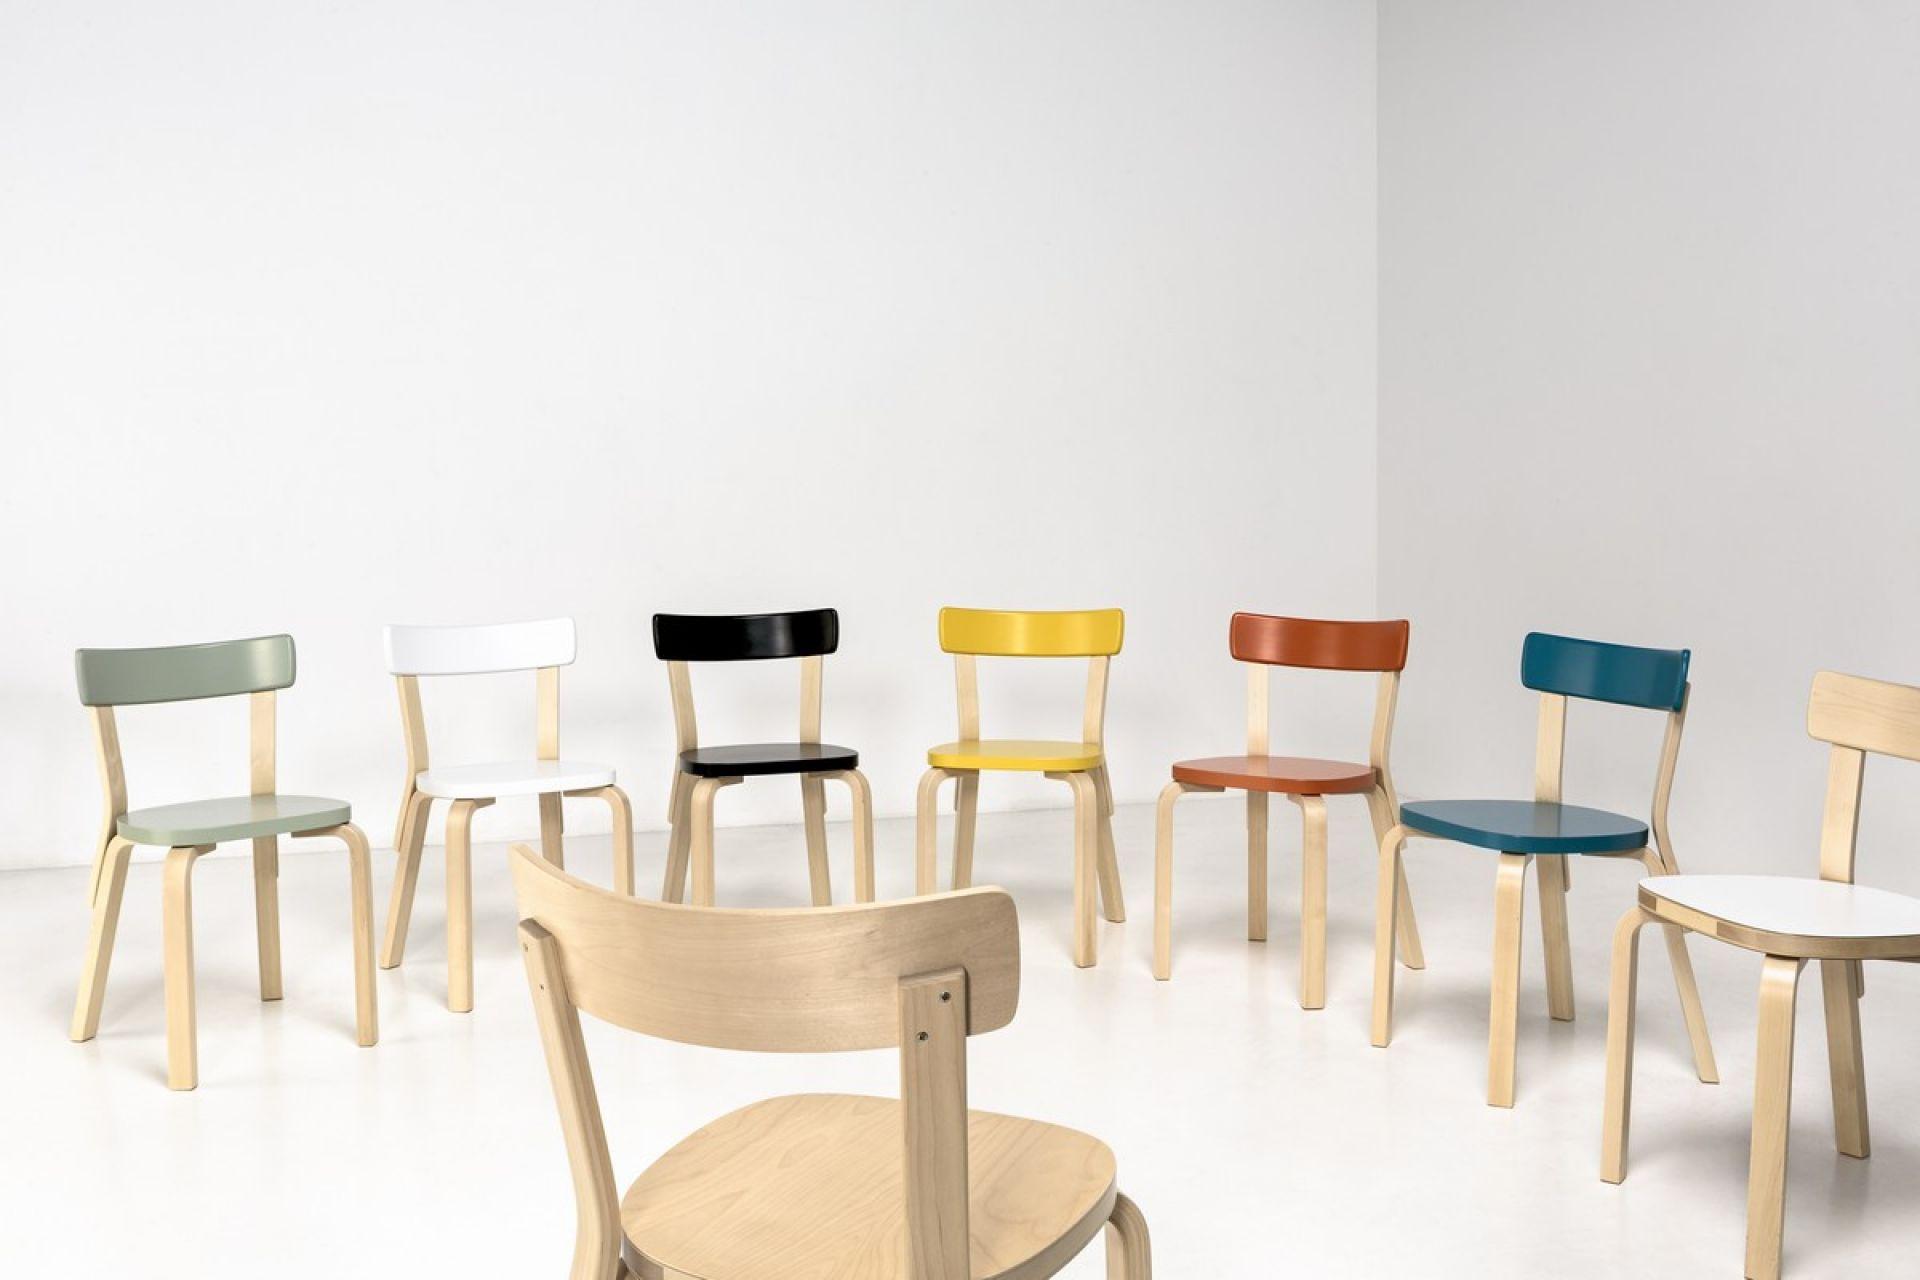 69 chair Artek